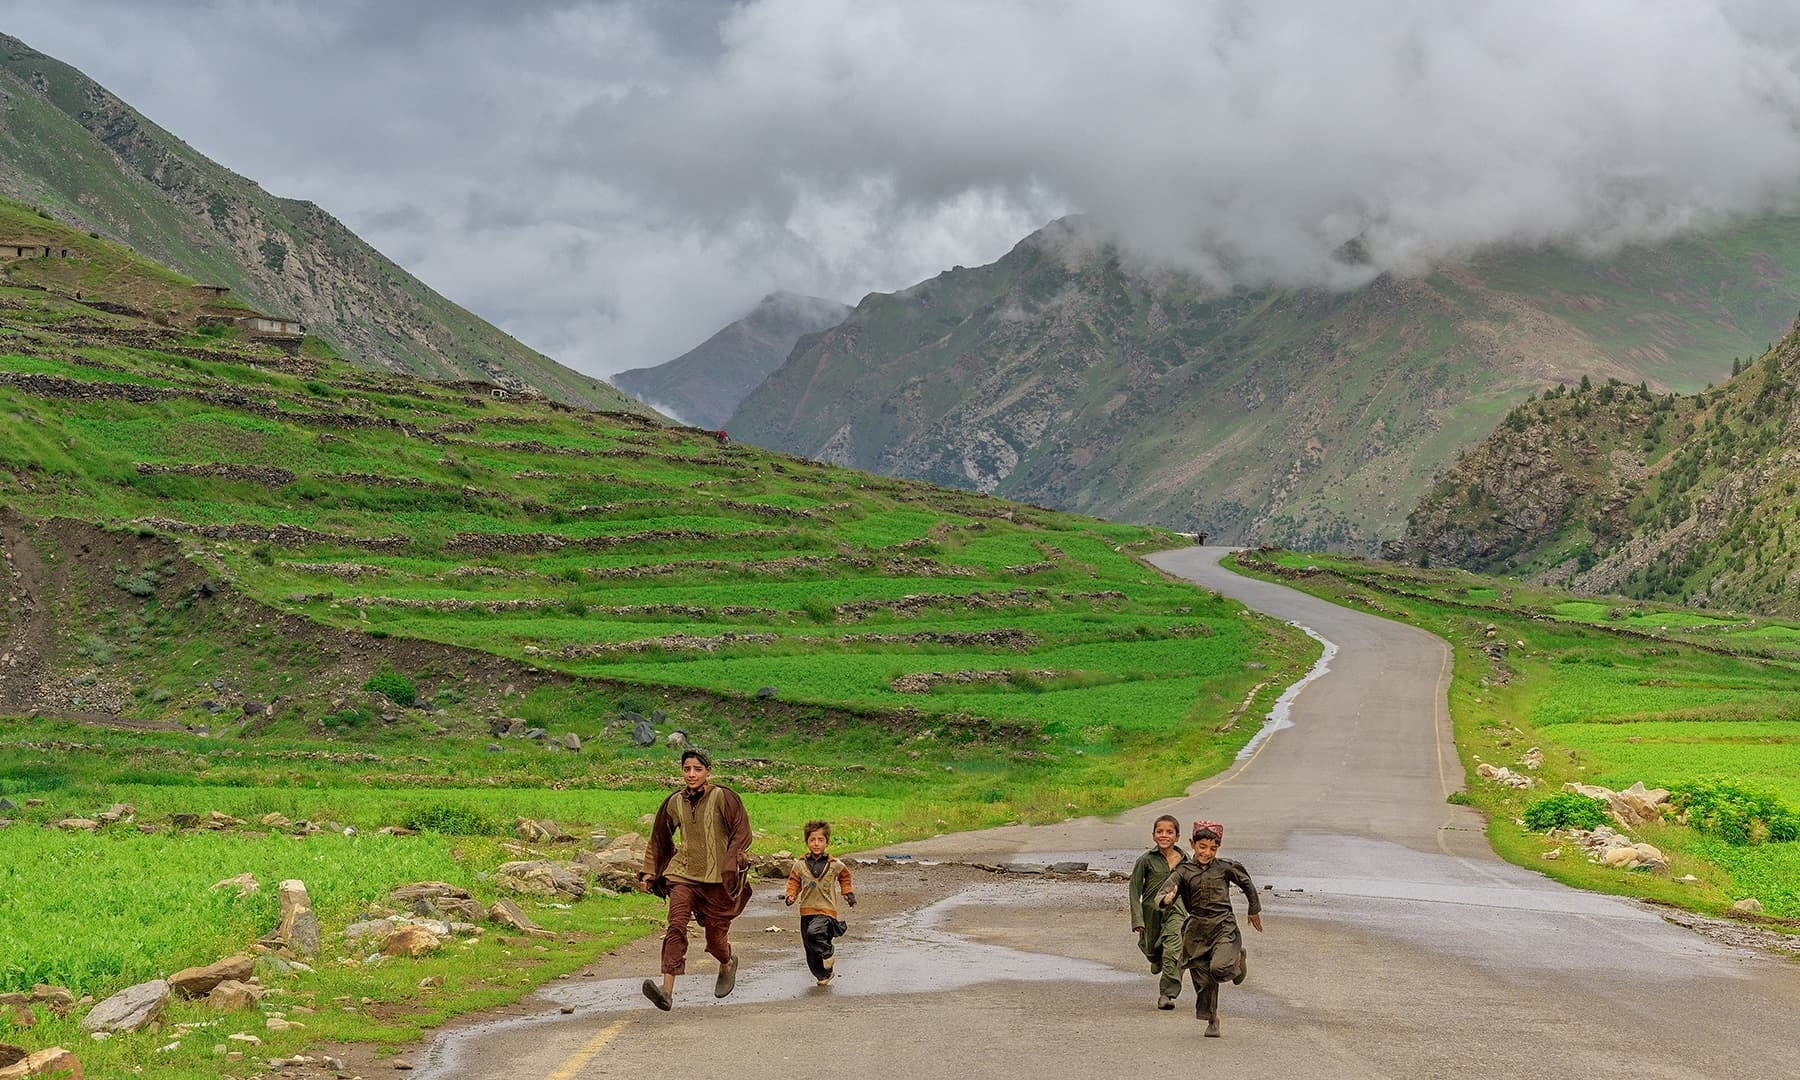 Besal, Naran. — Photo by Syed Mehdi Bukhari